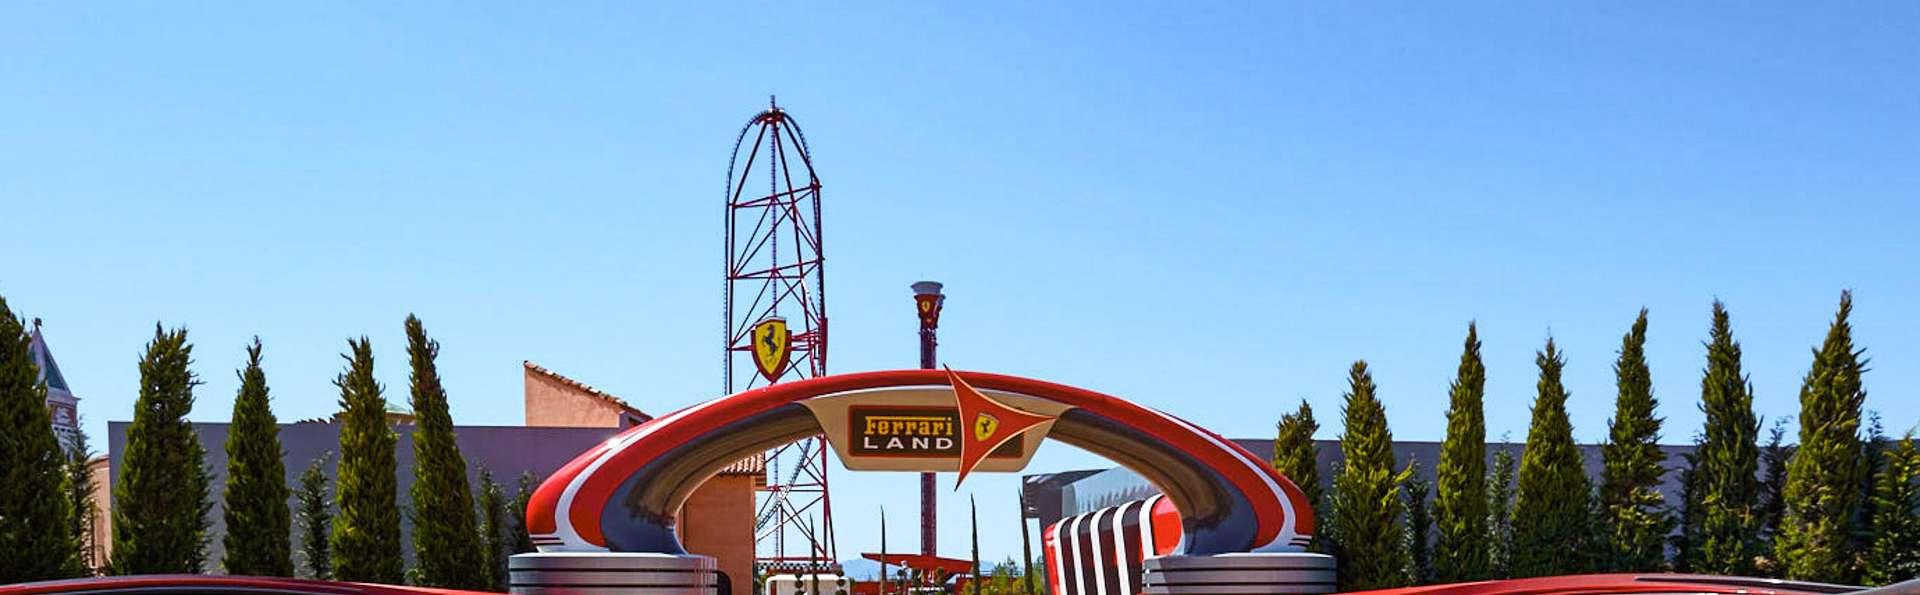 Disfruta del nuevo parque Ferrari Land y de Port Aventura Park (desde 2 noches)